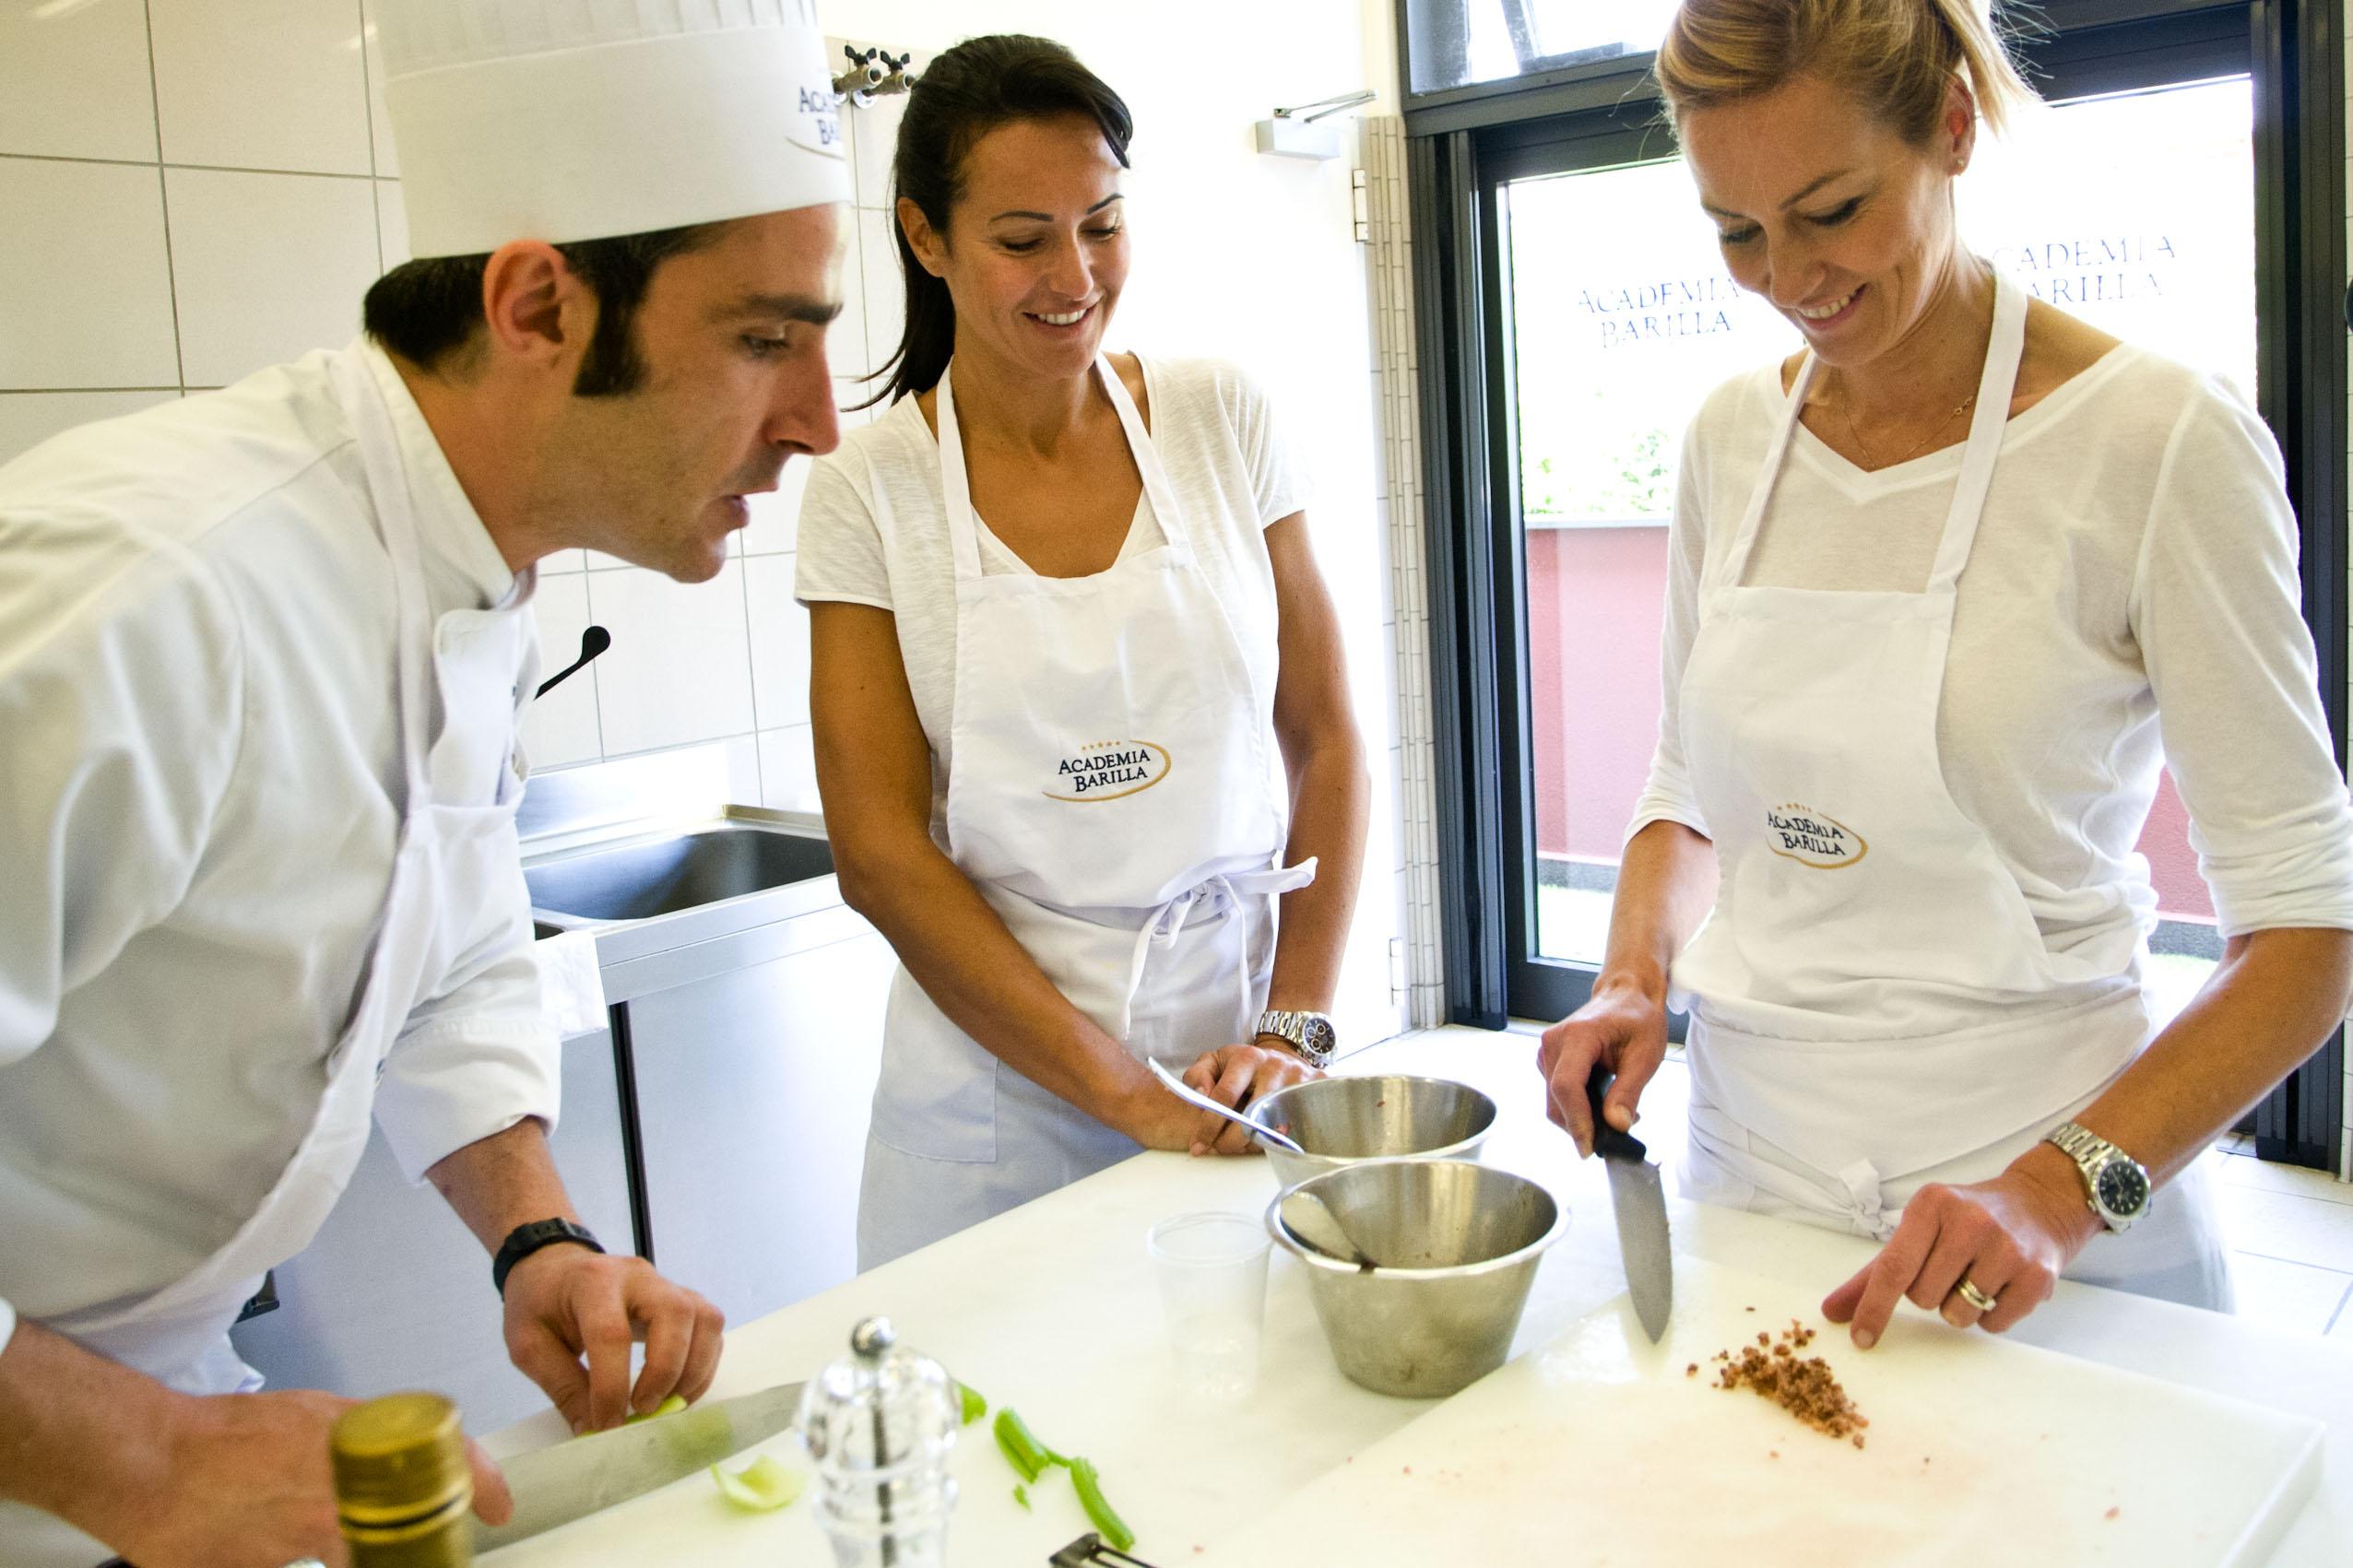 Corso di cucina presso Academia Barilla